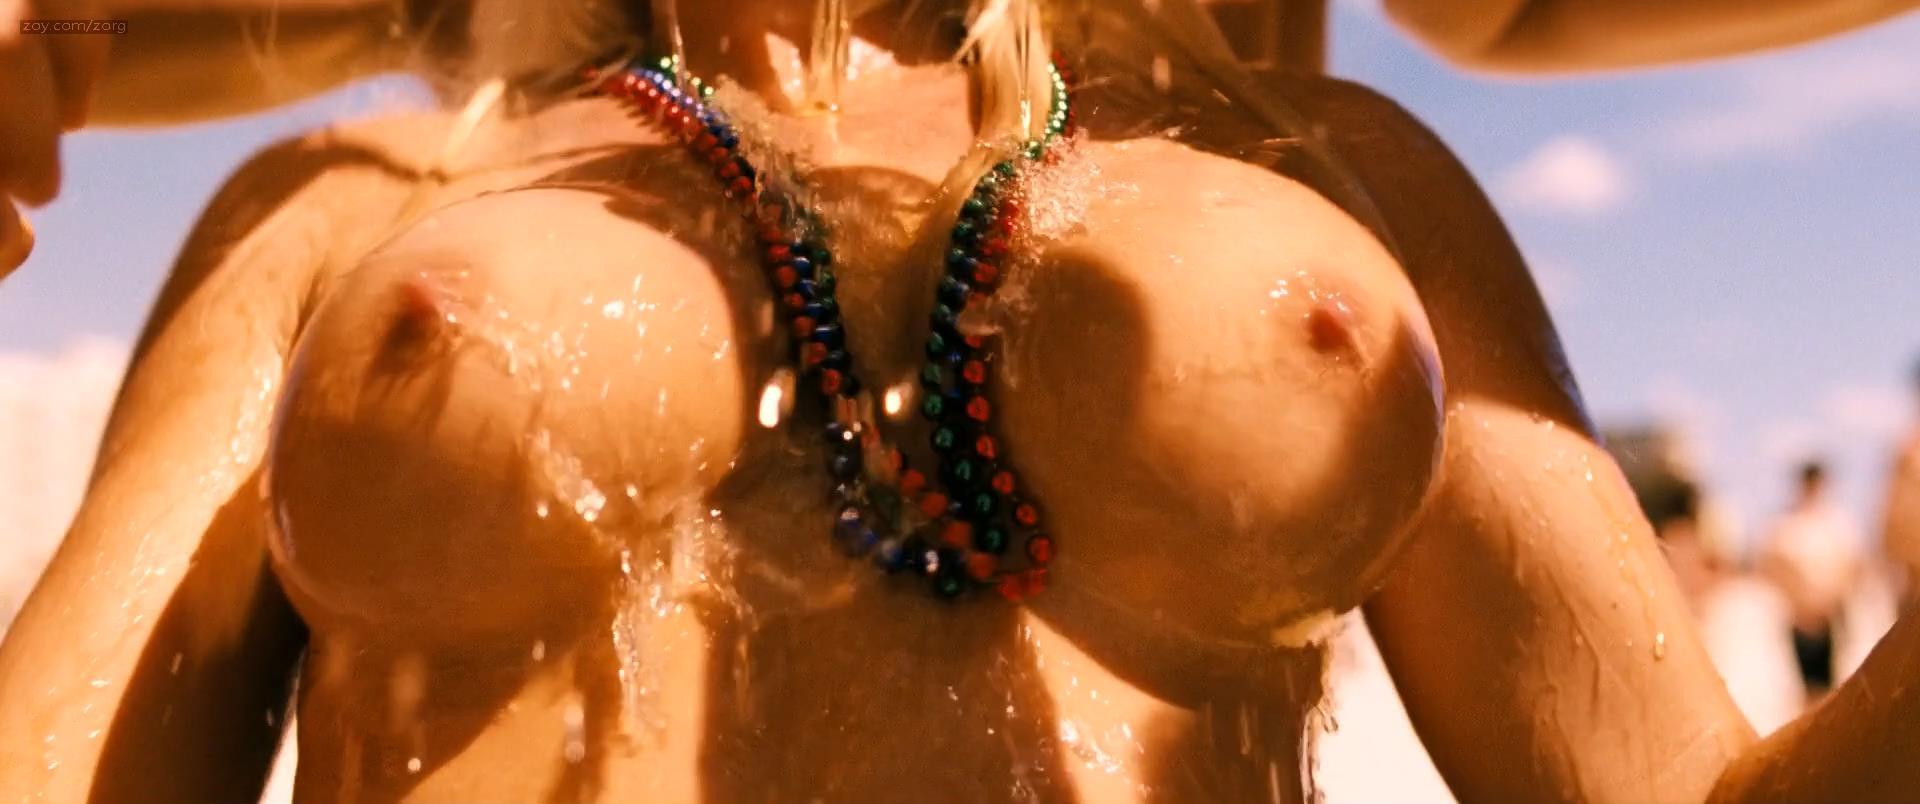 Vanessa Hudgens And Ashley Benson Butt Naked, Rachel -6417